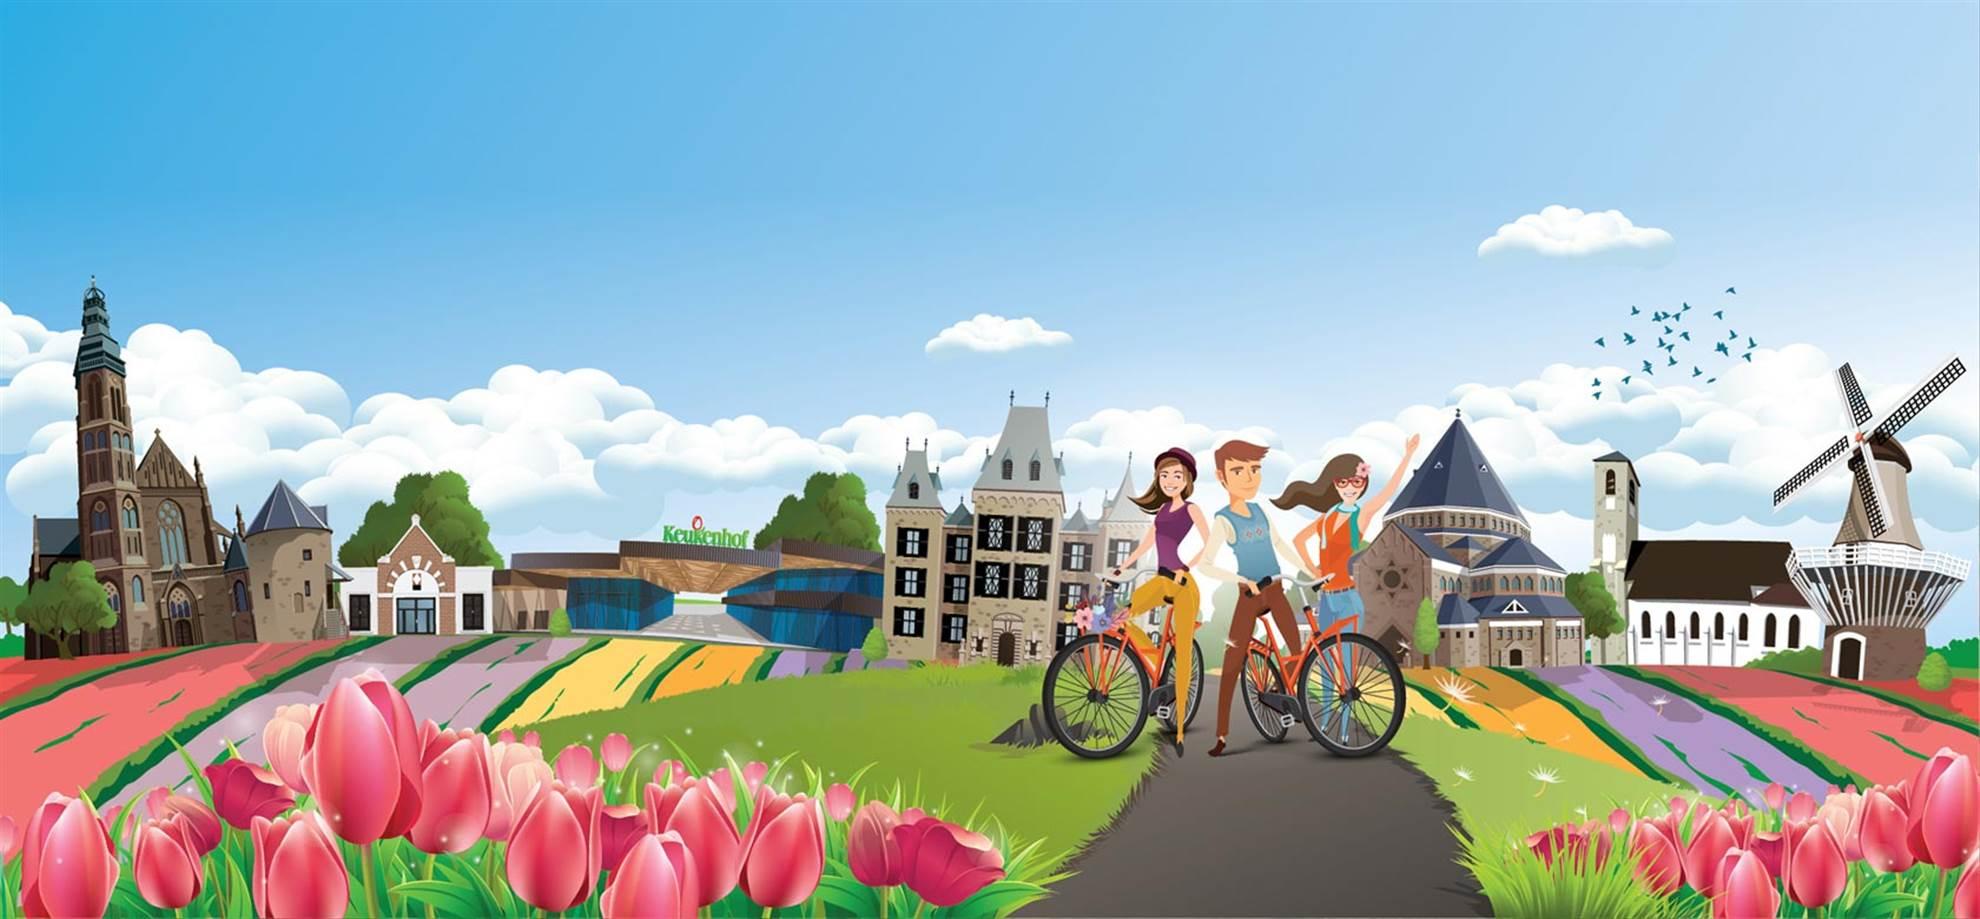 Flower tour around Keukenhof